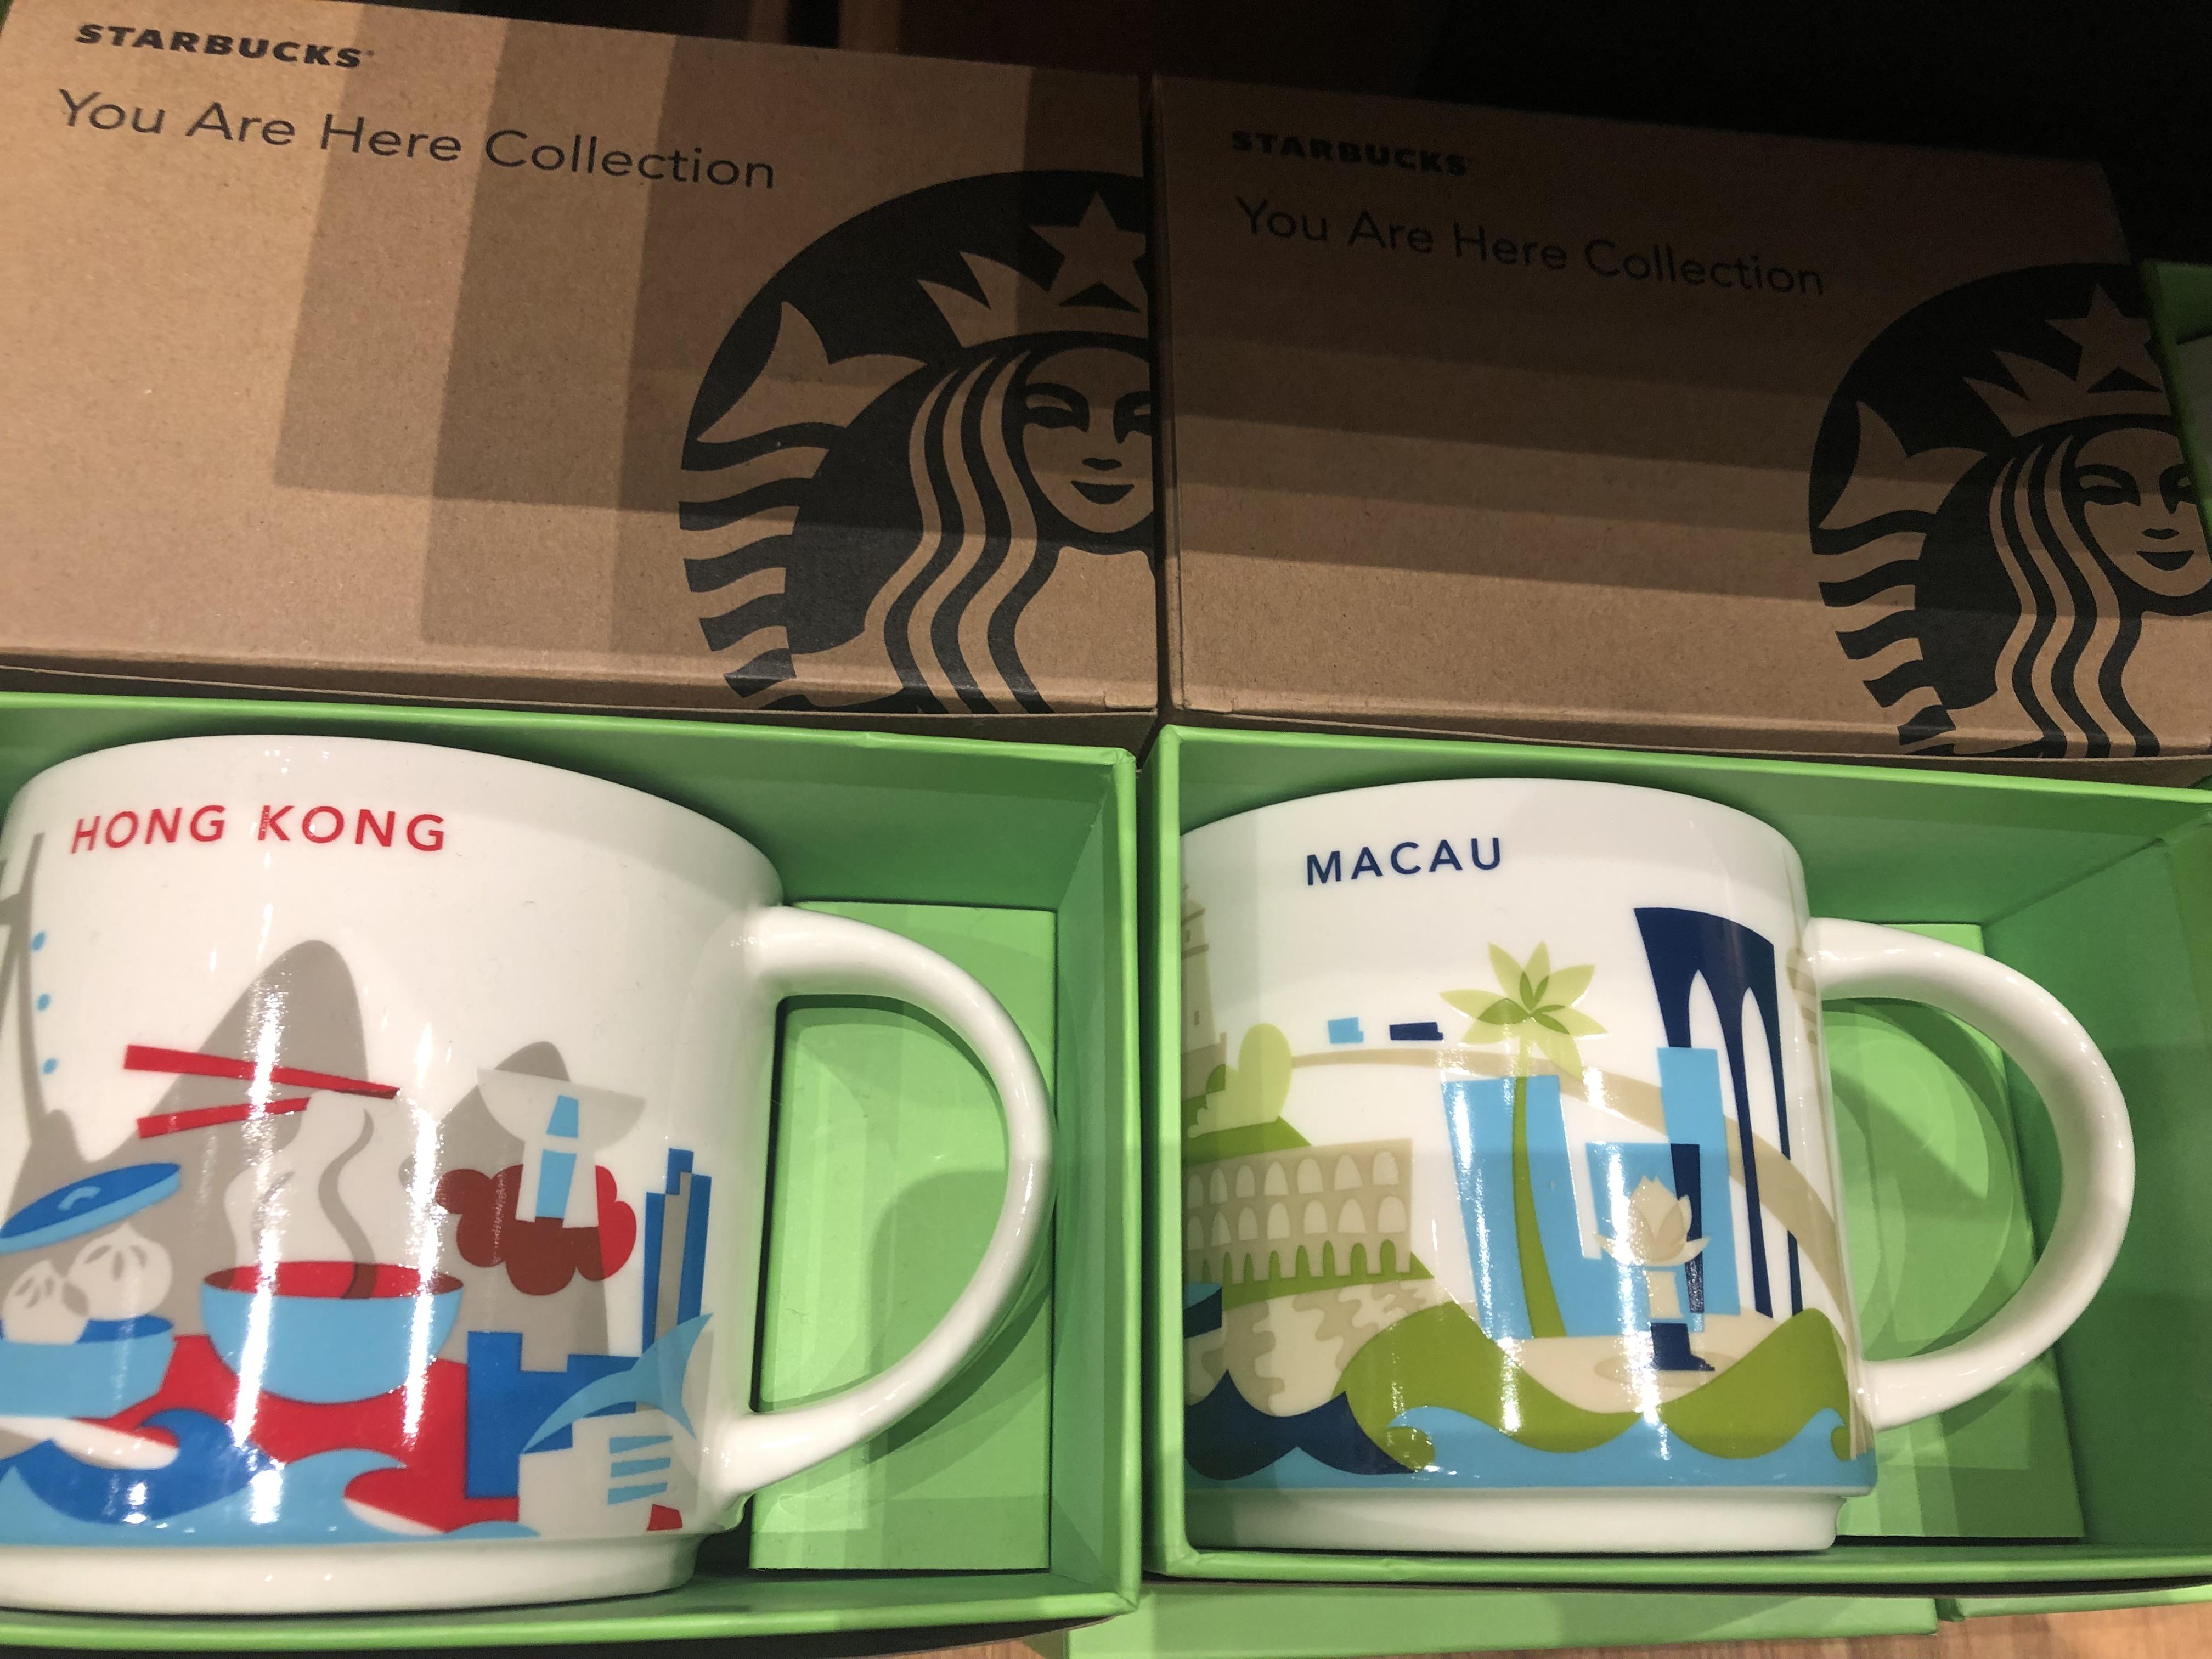 """Macau_starbucks_goods_003"""""""""""